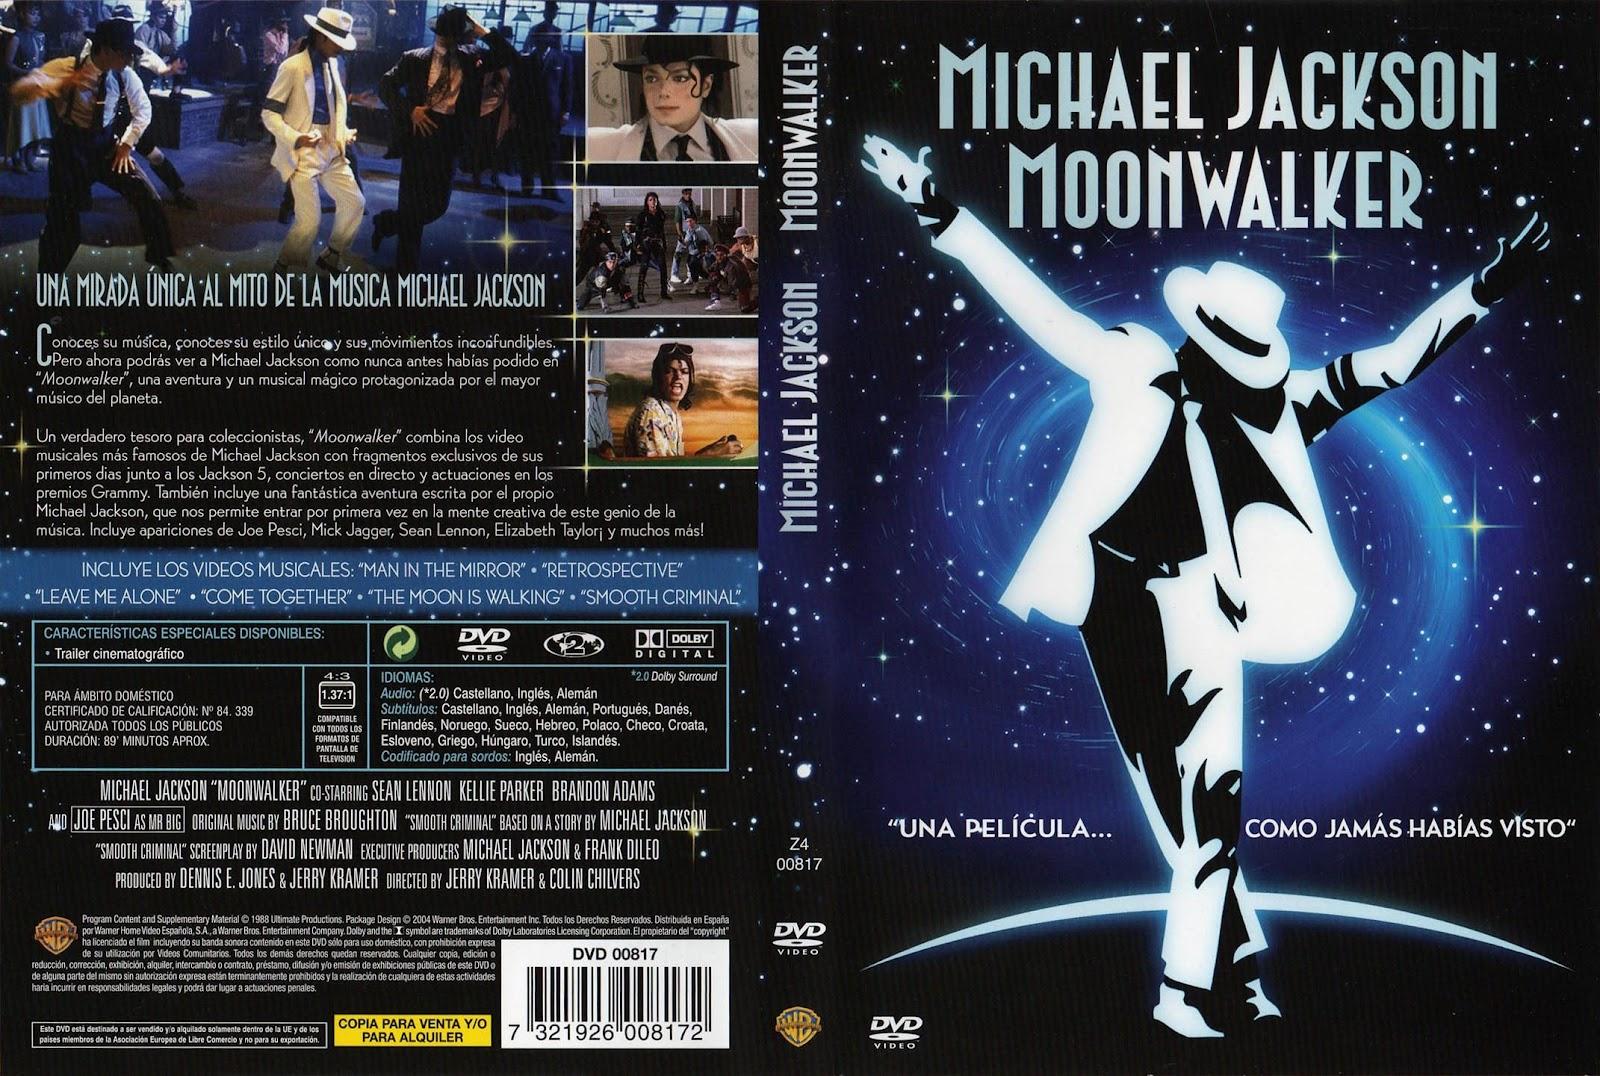 http://4.bp.blogspot.com/-cVmG8eB7l-A/T5hssIyQqZI/AAAAAAAALzk/if9fVkuDA0k/s1600/Michael+Jackson+-+Moonwalker.jpg